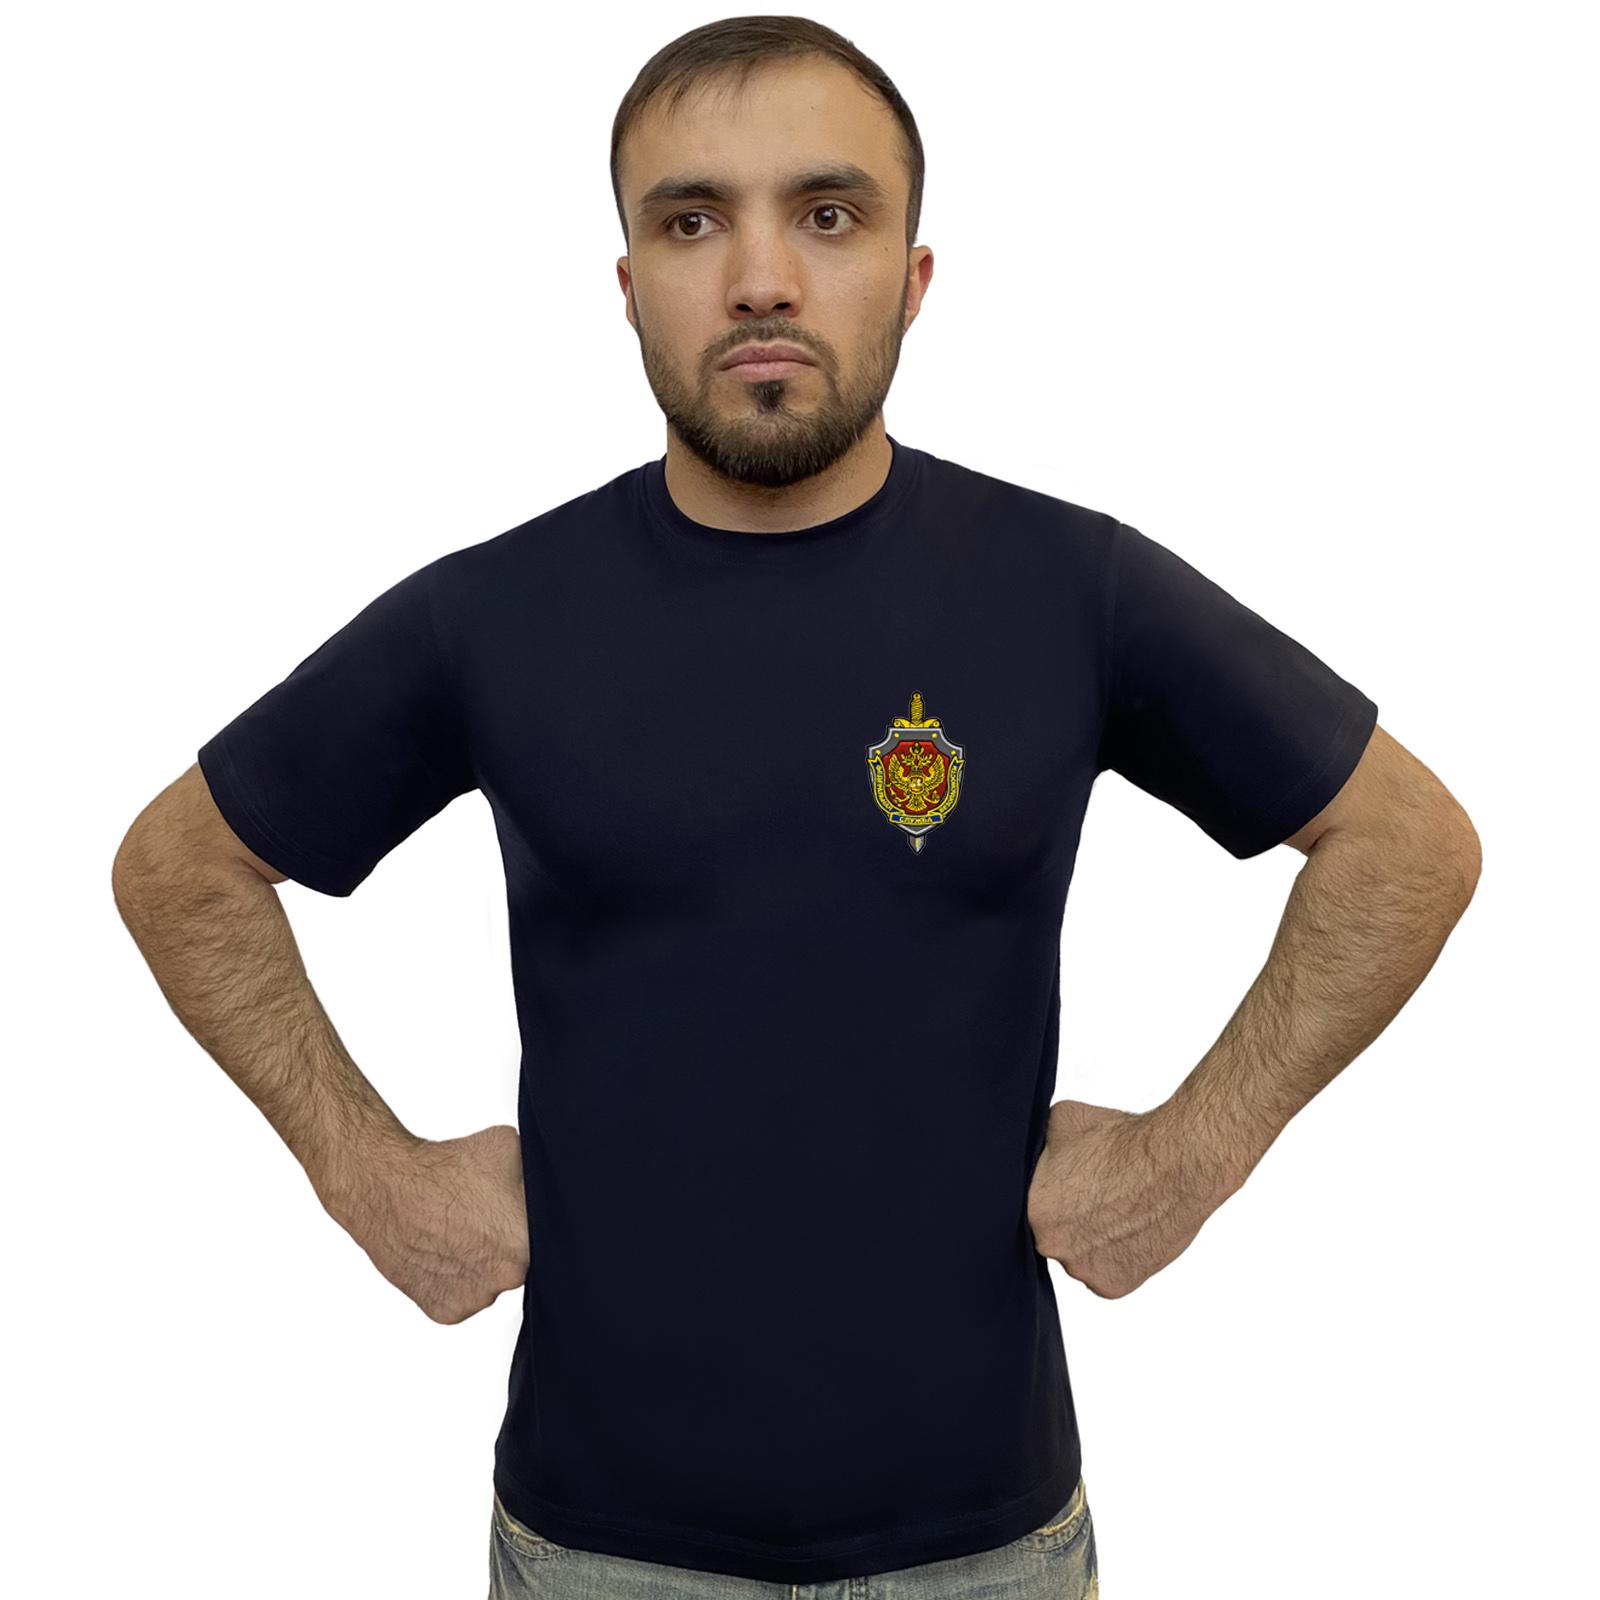 Заказать футболку с вышивкой Федеральной службы безопасности